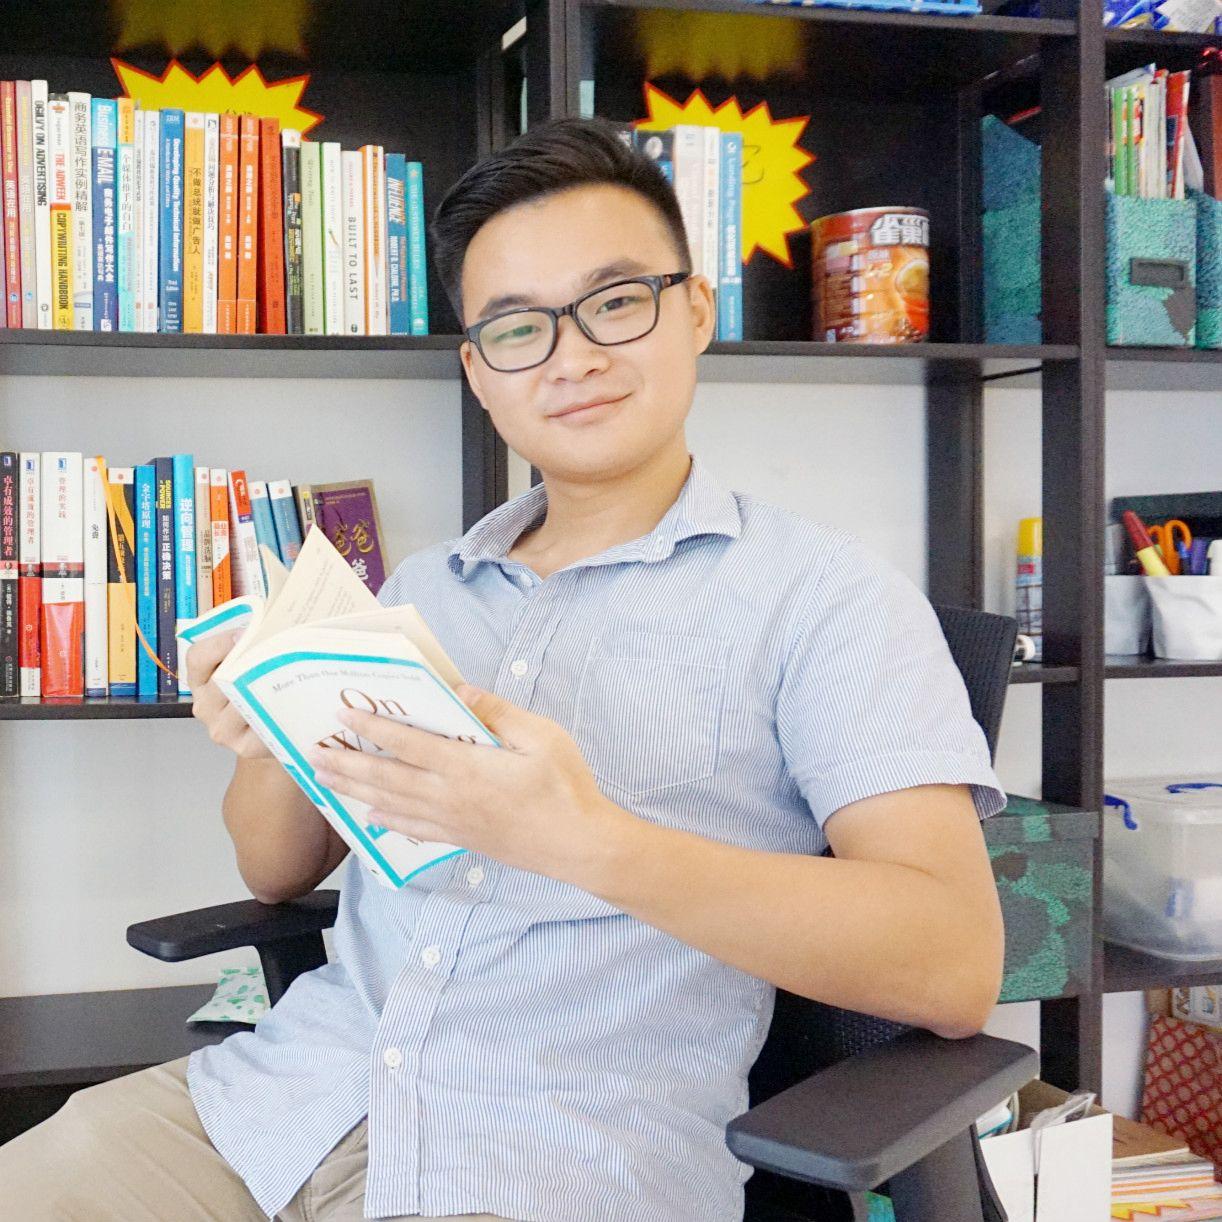 Bin Zeng